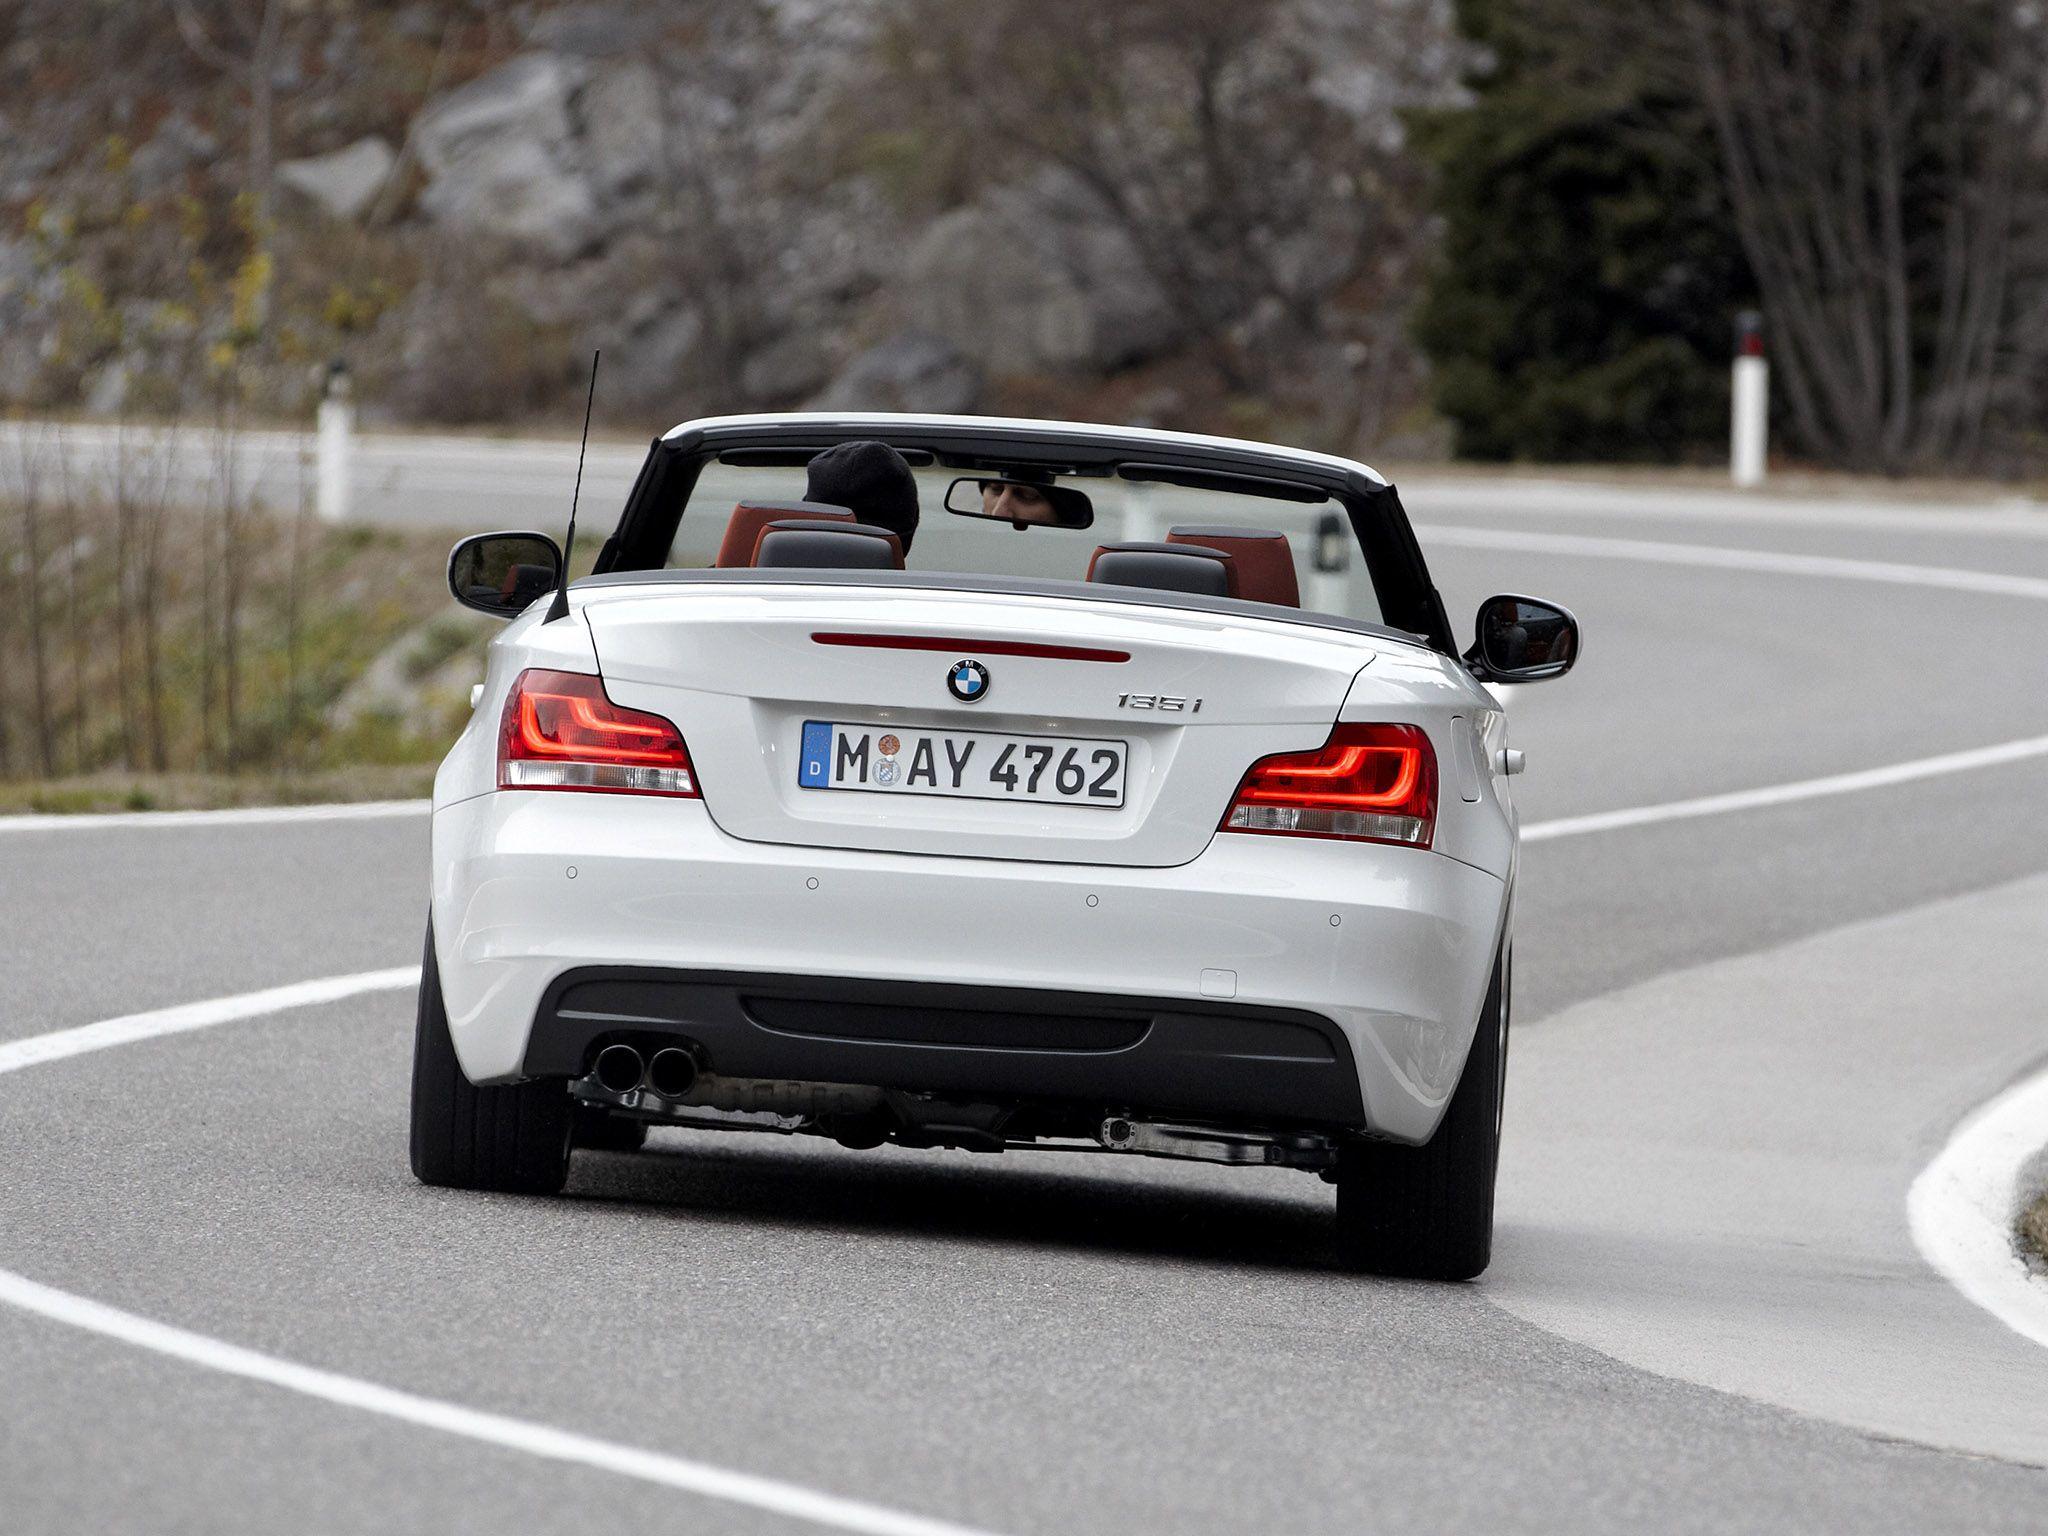 2012 BMW 1 Series Convertible car rear   BMW   Pinterest   BMW ...